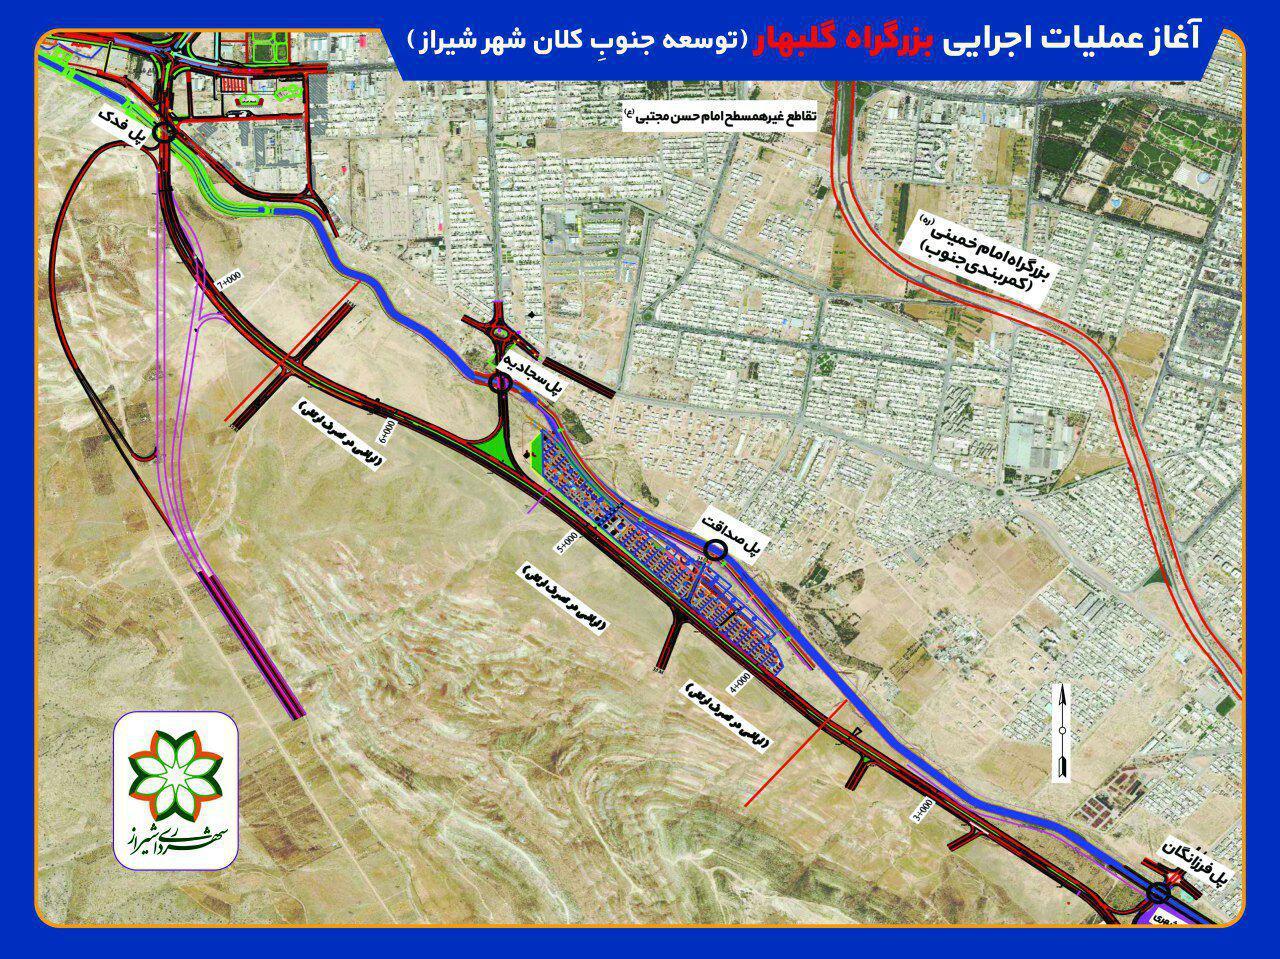 پروژه بزرگراه گلبهار شیراز ( طرح توسعه جنوب )